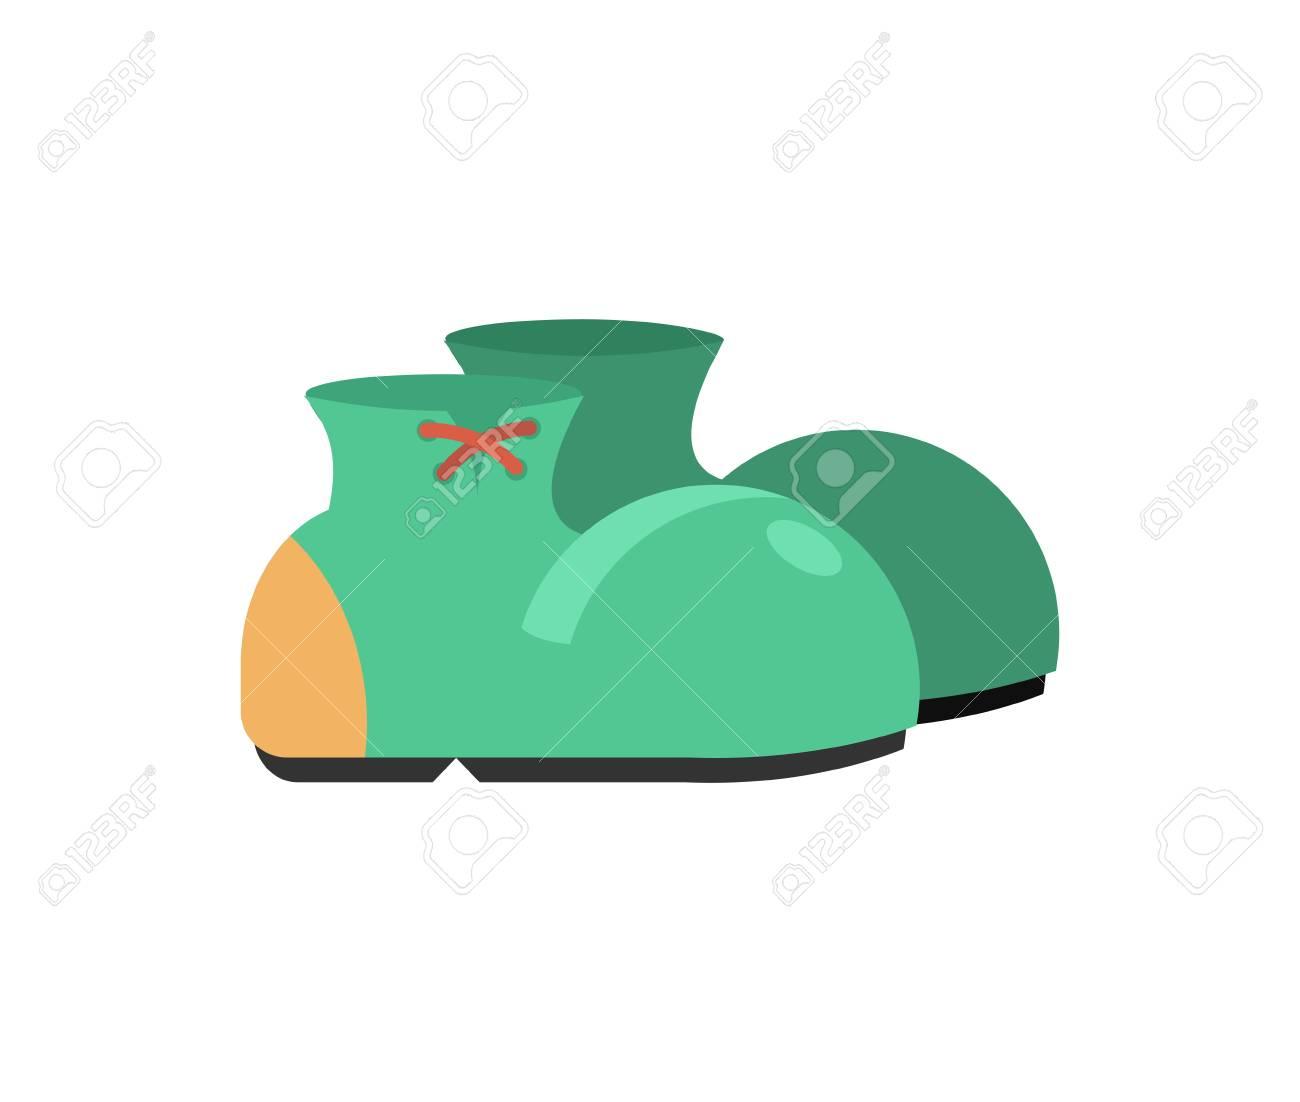 Stiefel Fur Clown Isoliert Lustige Schuhe Auf Weissen Hintergrund